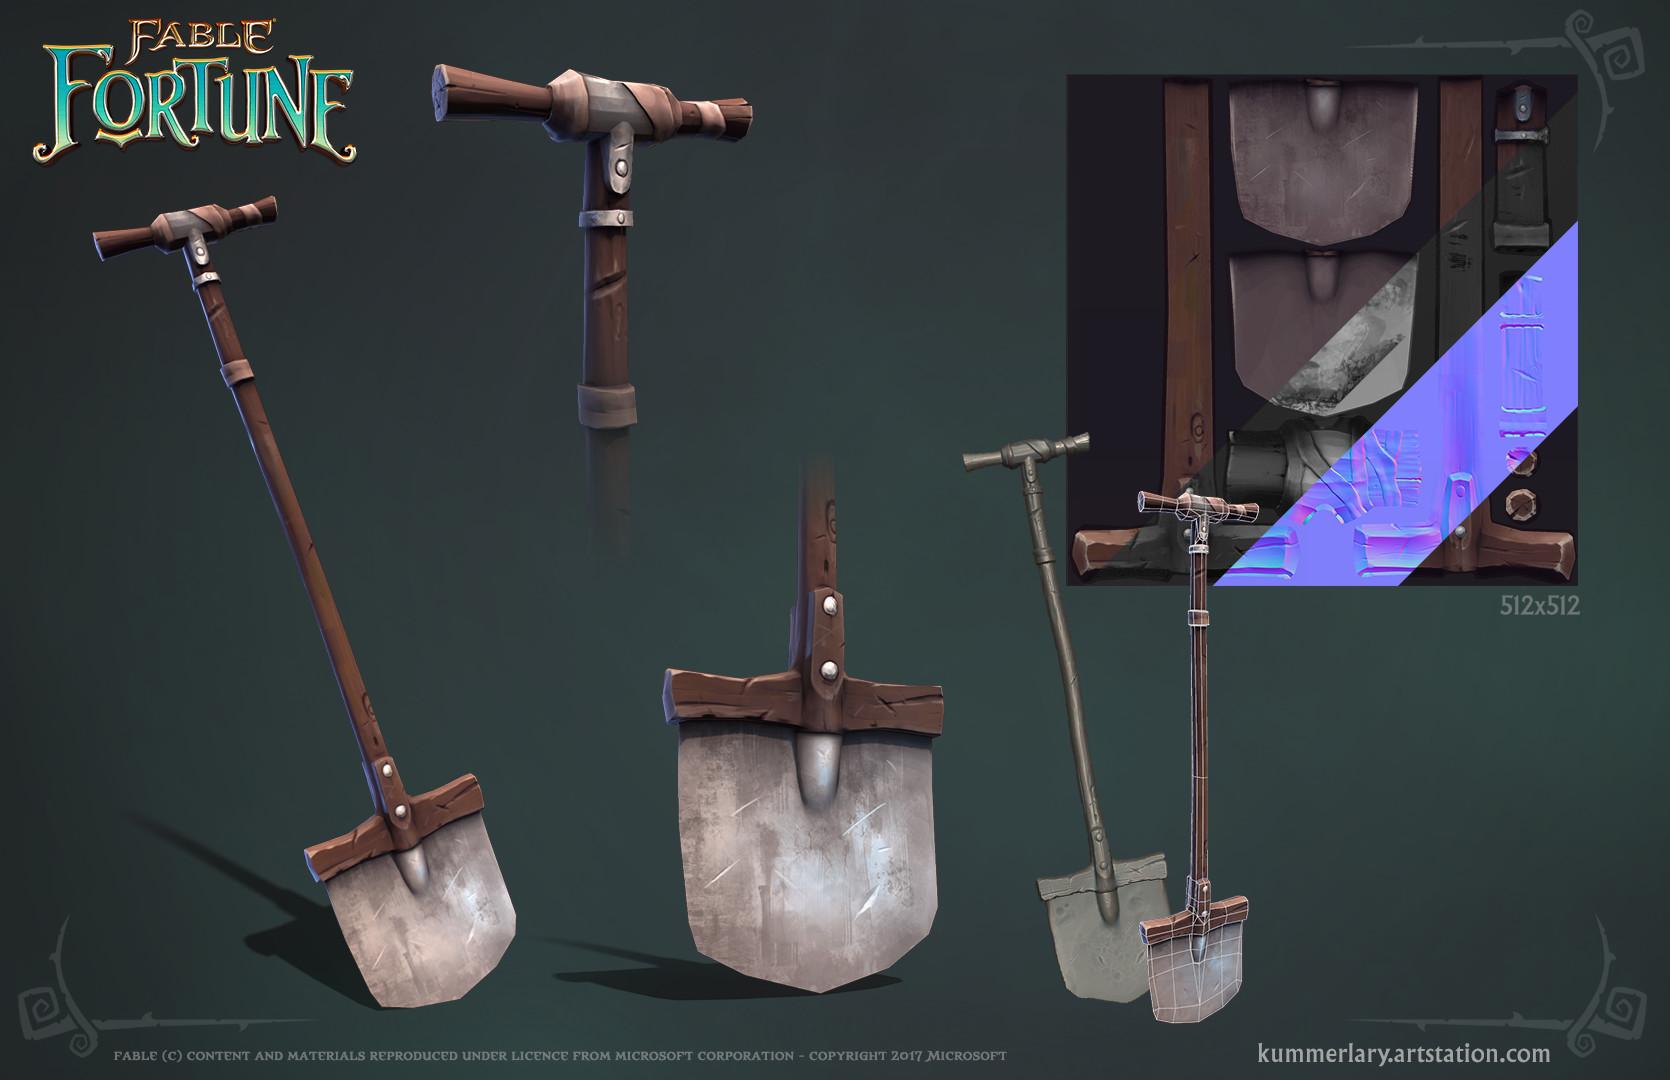 Lary kummer fablefortune shovel